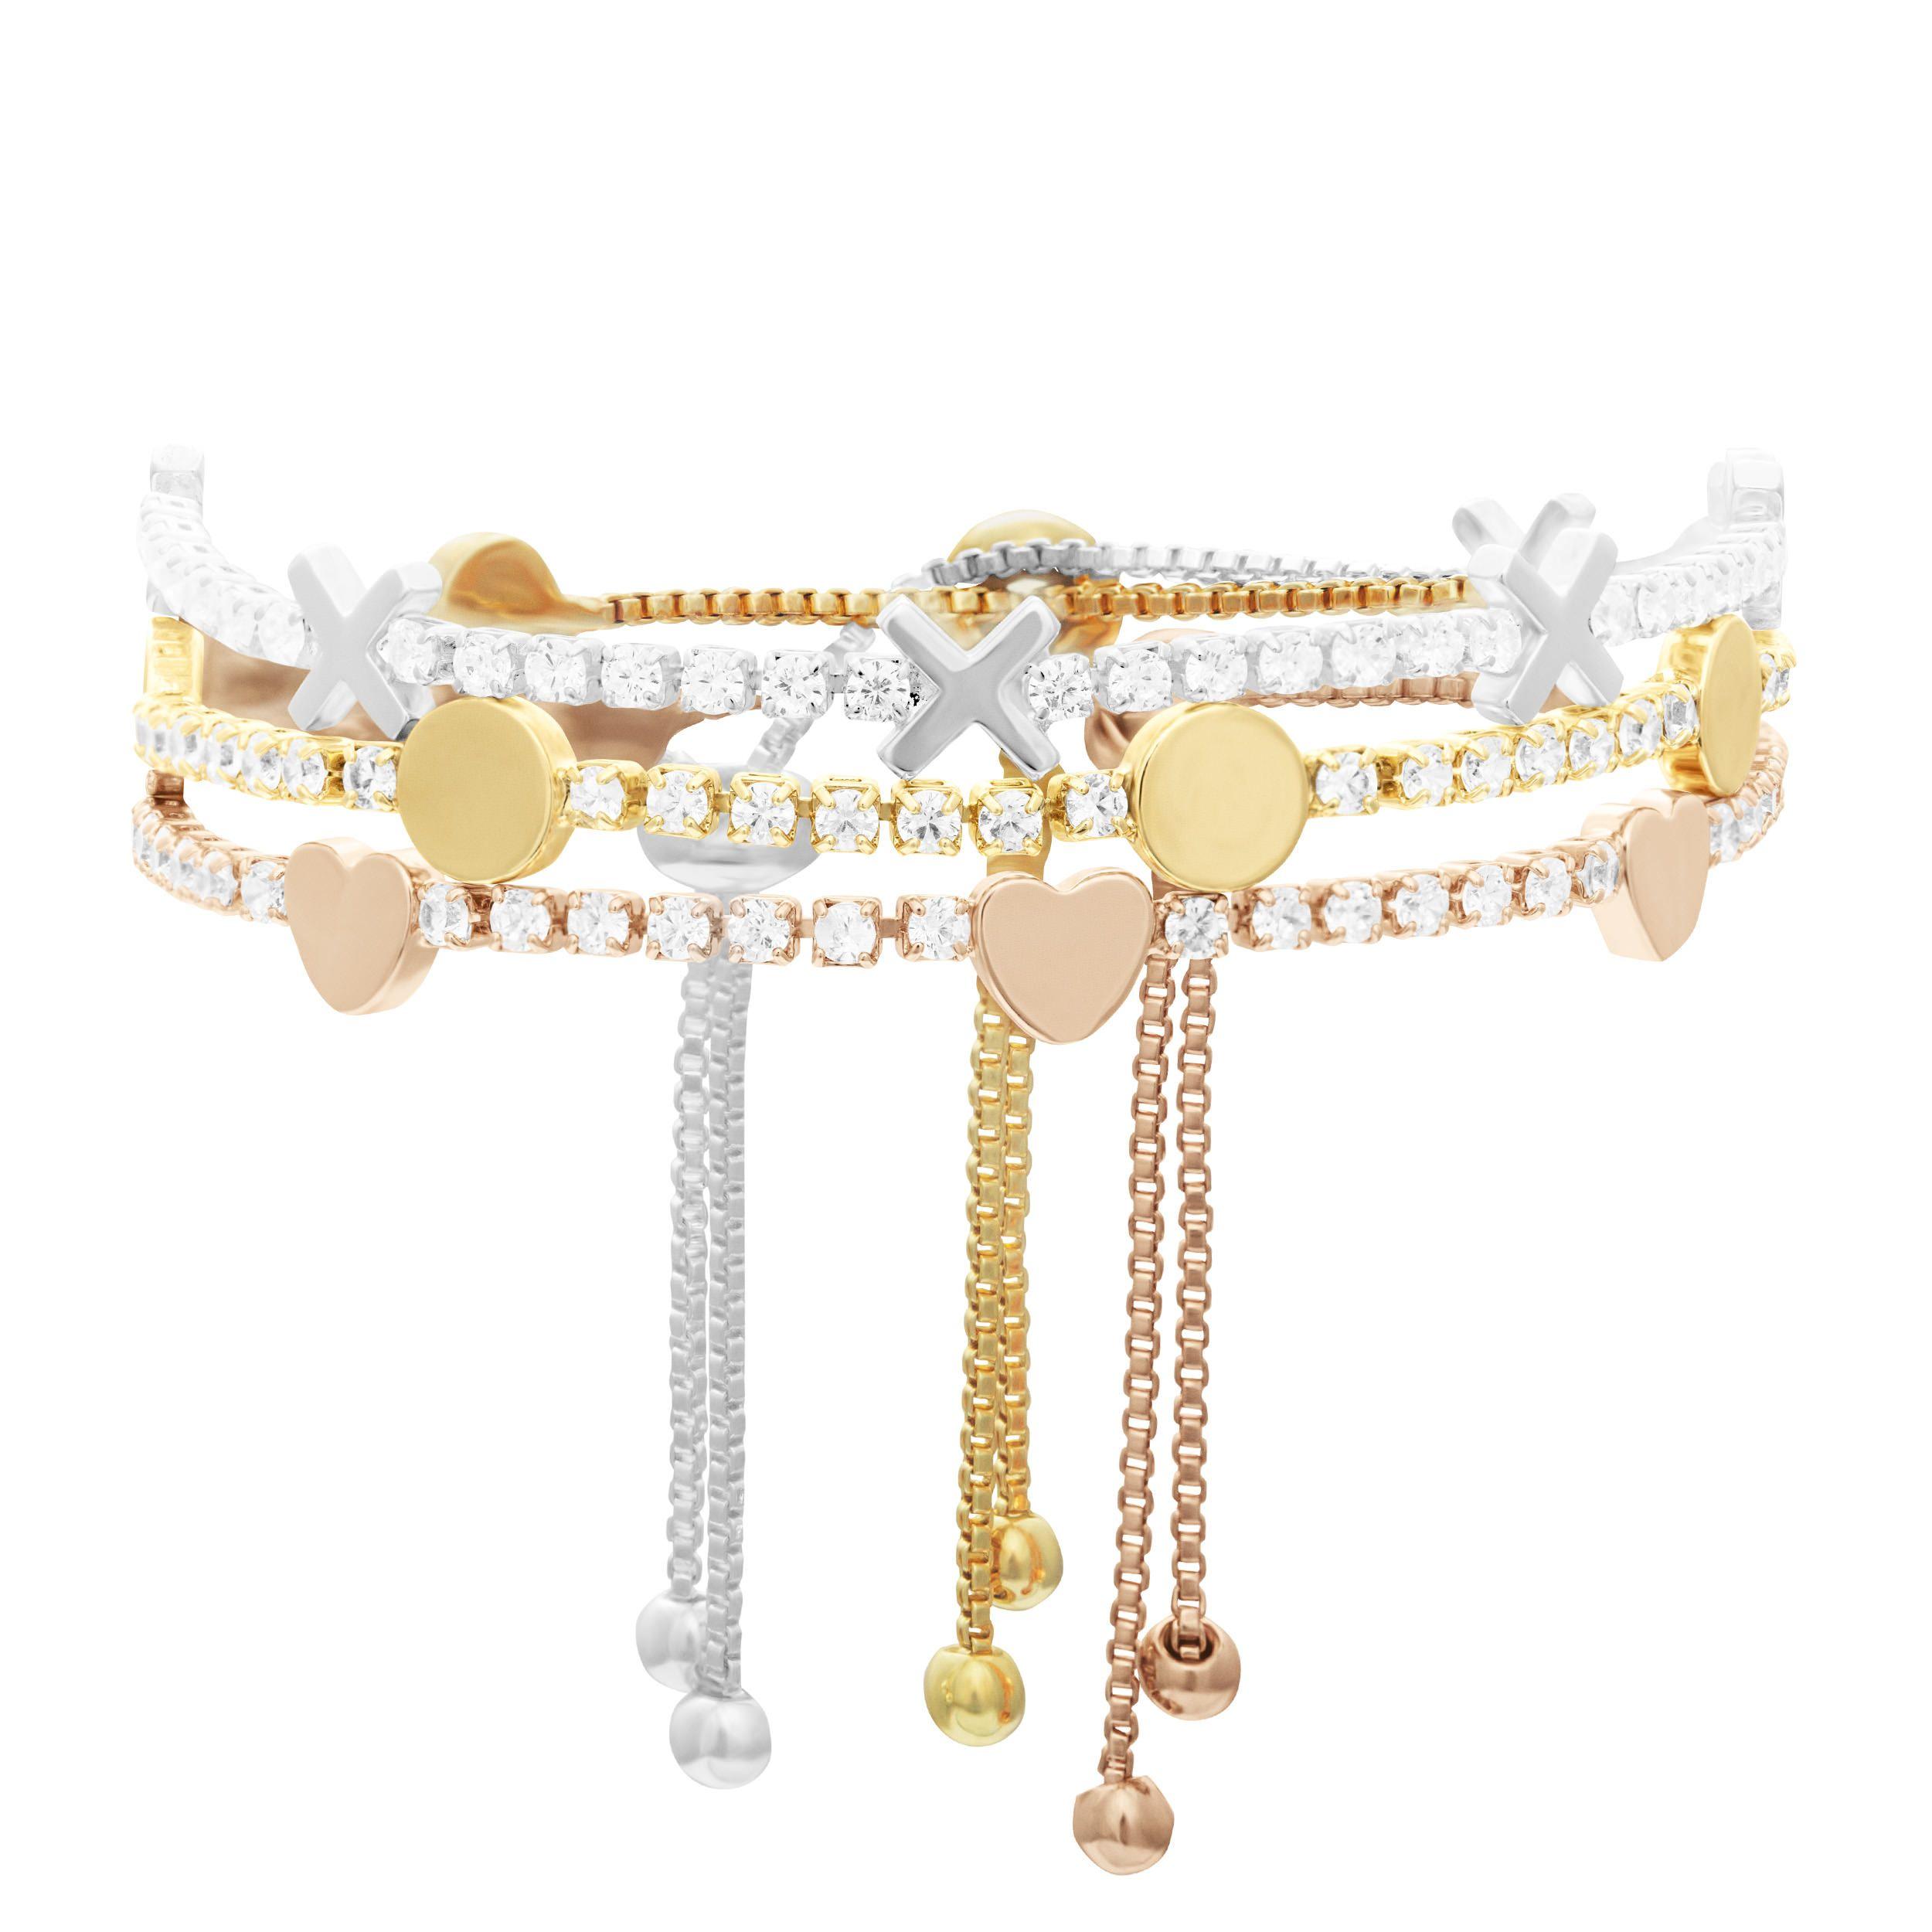 Buckley London Hugs & Kisses '♥' Bracelet - Rose Gold